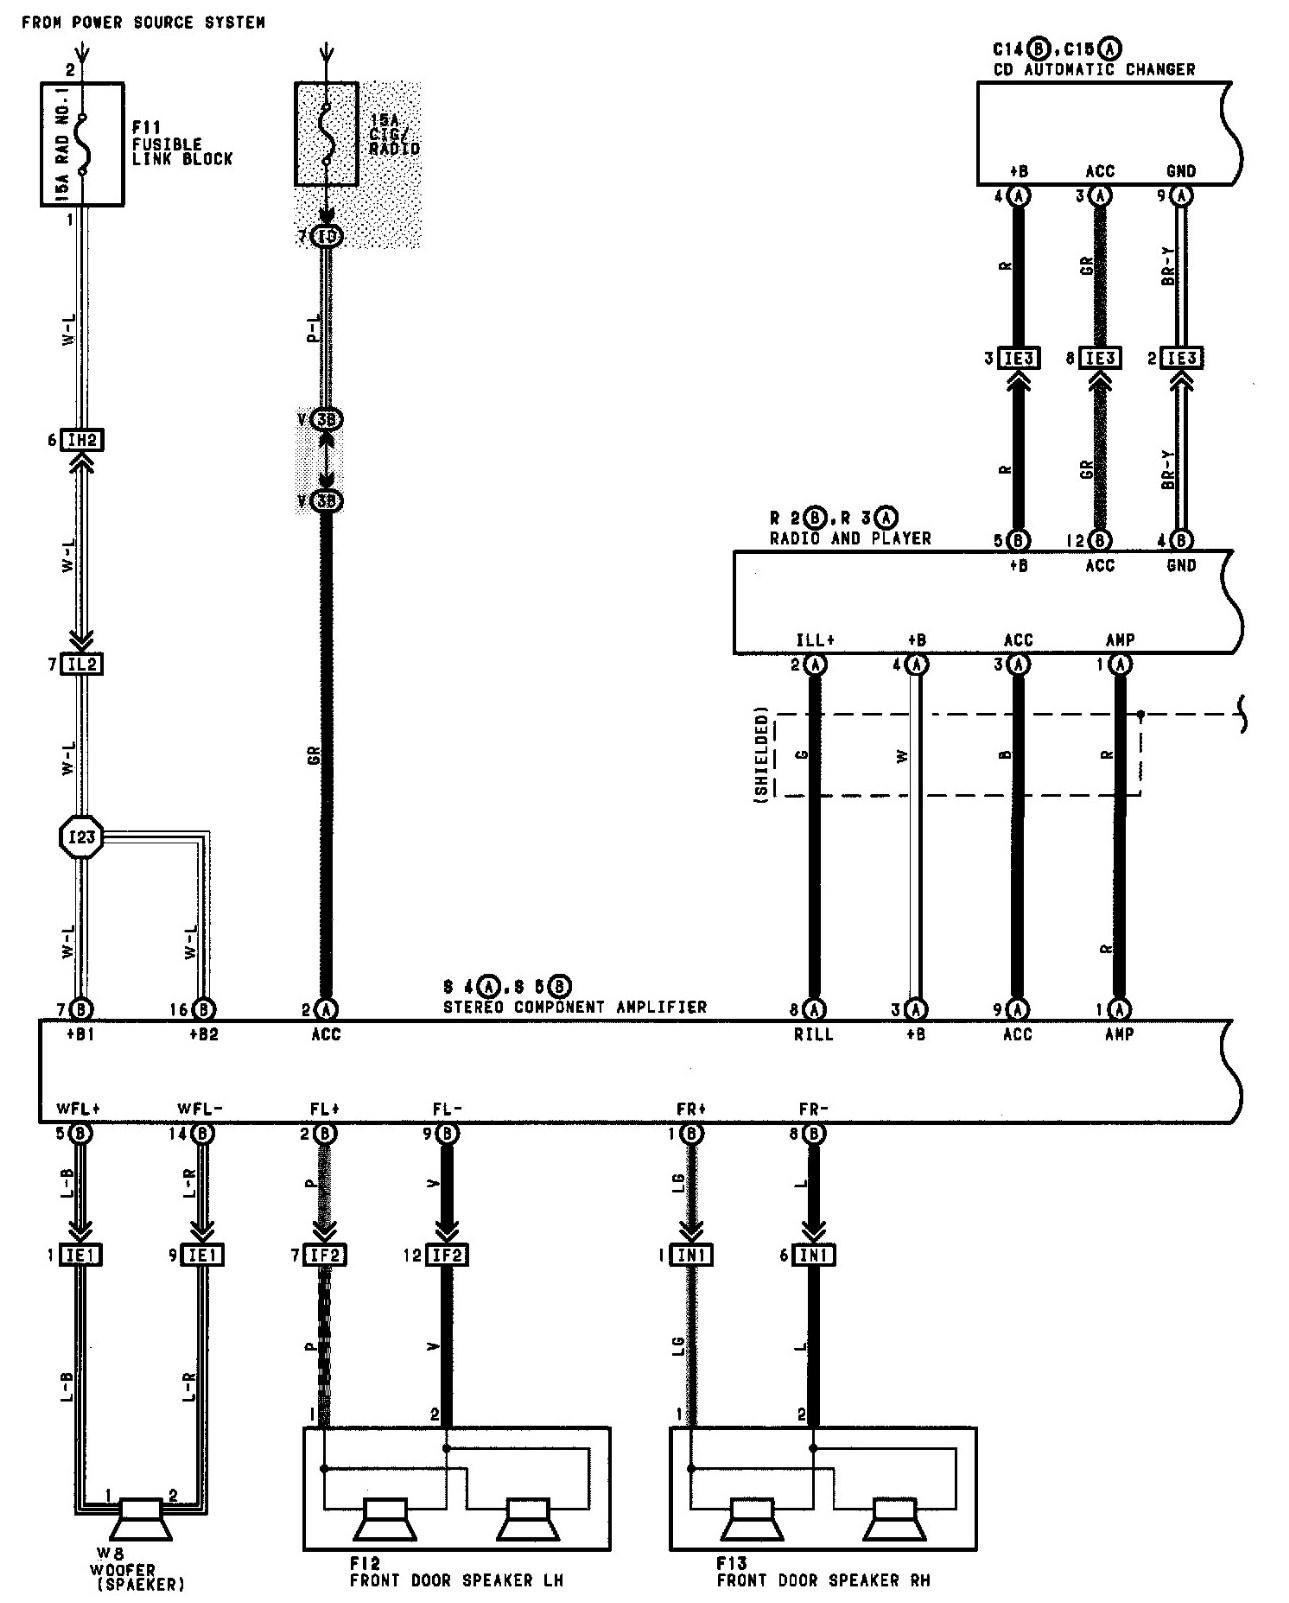 2003 toyota Camry Wiring Diagram Pdf - 2003 toyota Avalon Stereo Wiring Diagram toyota Prius Wiring Diagram Pdf Lovely Fantastic Viper 3105v 3l